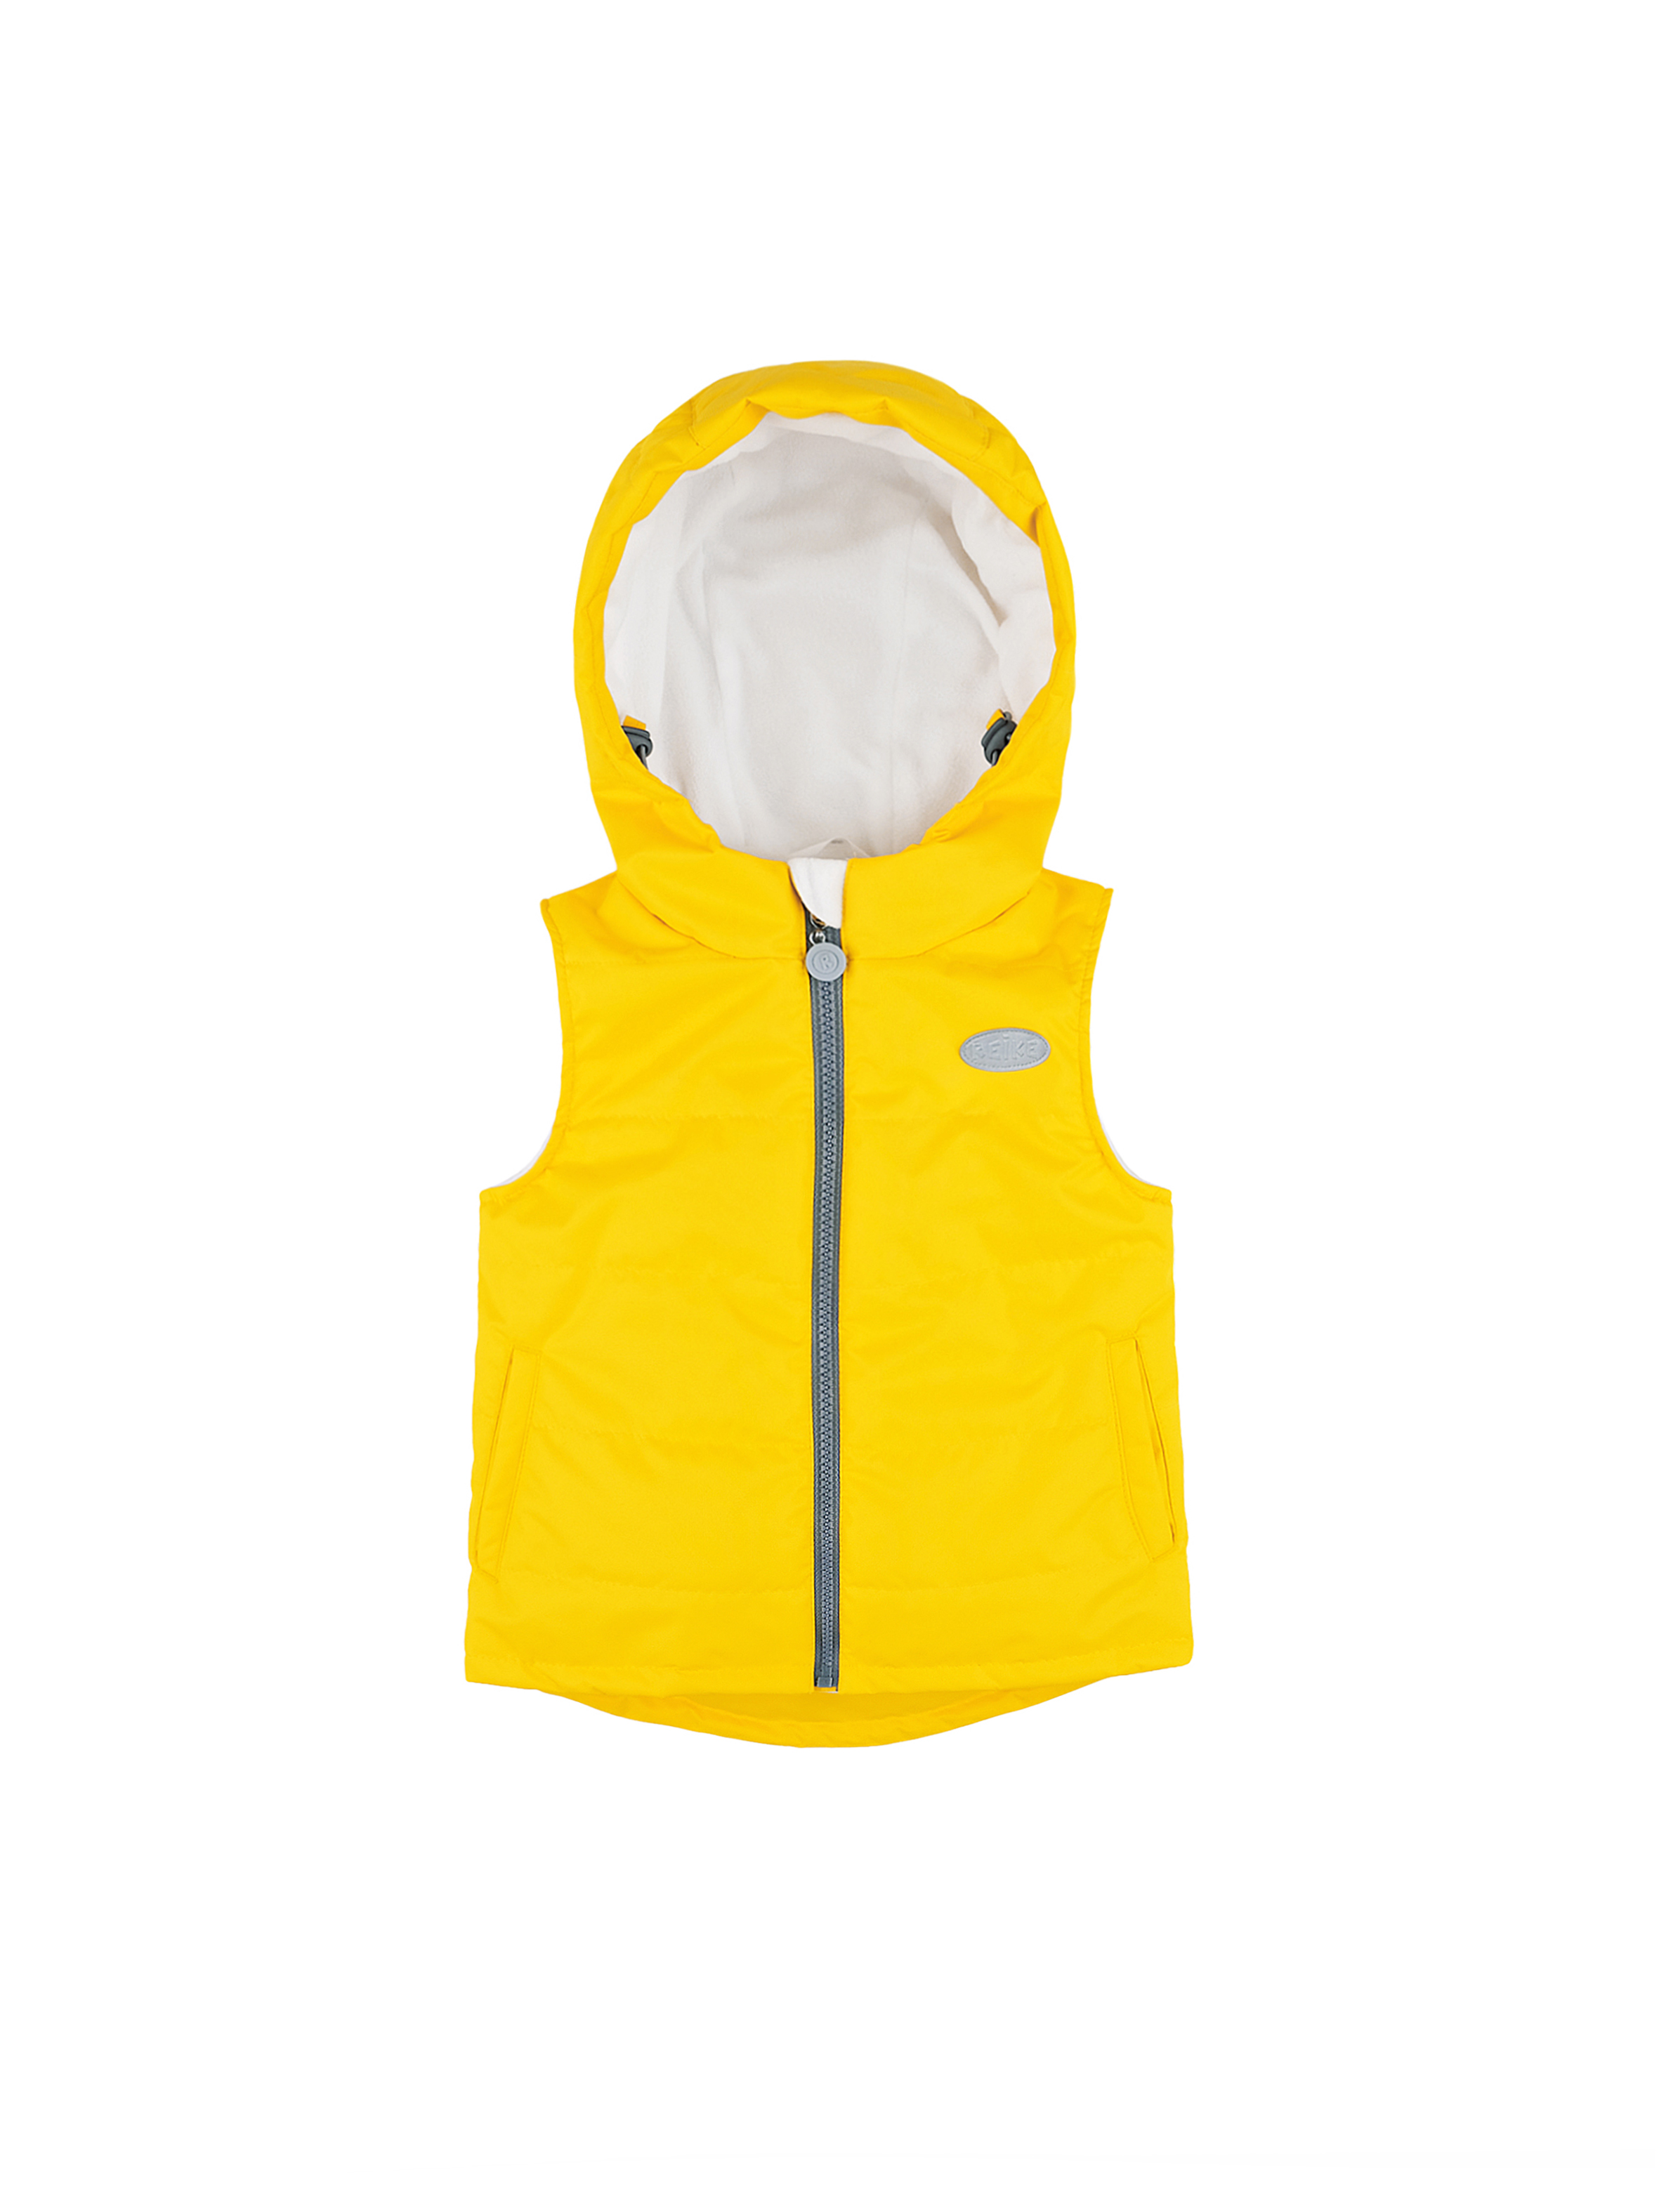 Жилет детский Reike Basic yellow, 44